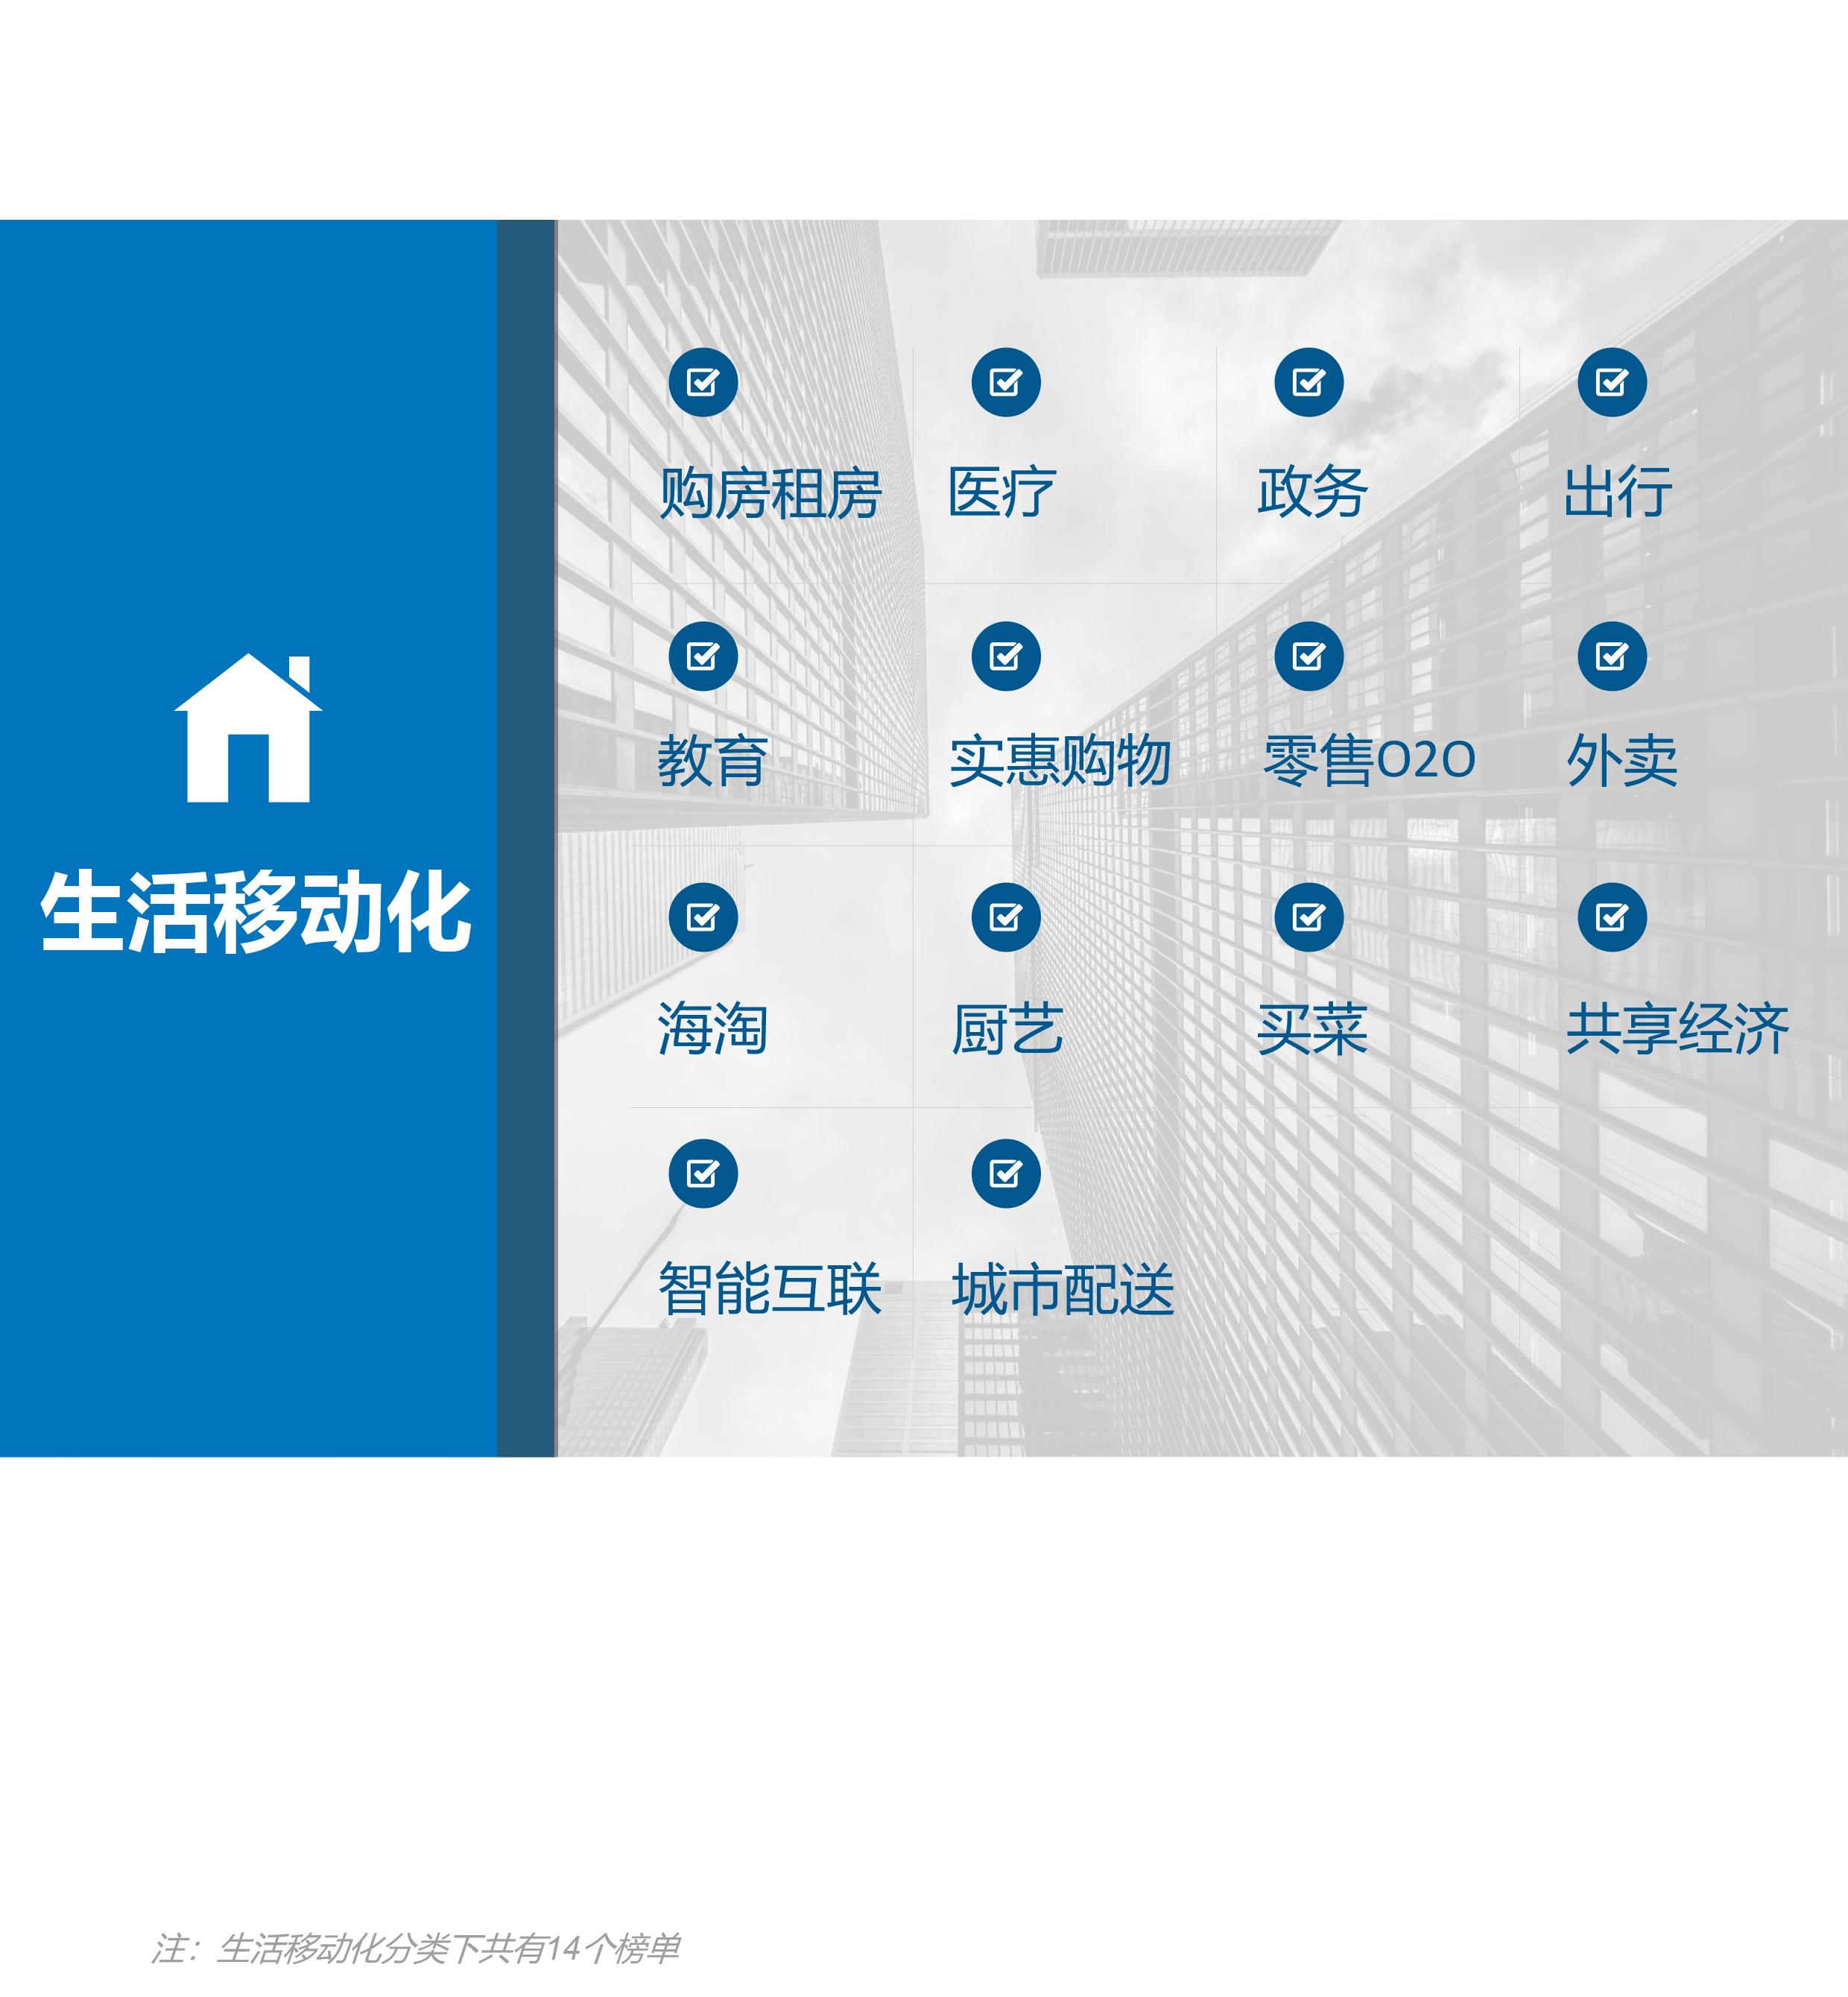 极光:互联网城市榜单 (3).png